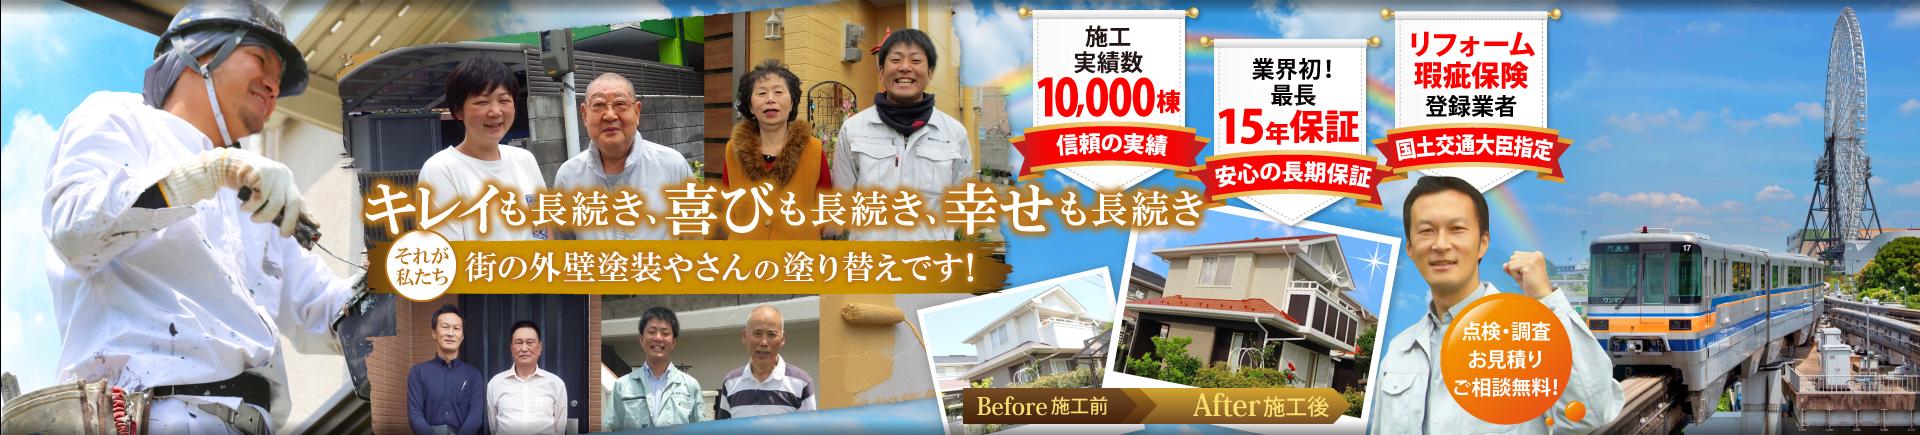 吹田、豊中、大阪で外壁、屋根の塗装なら街の外壁塗装やさん吹田店